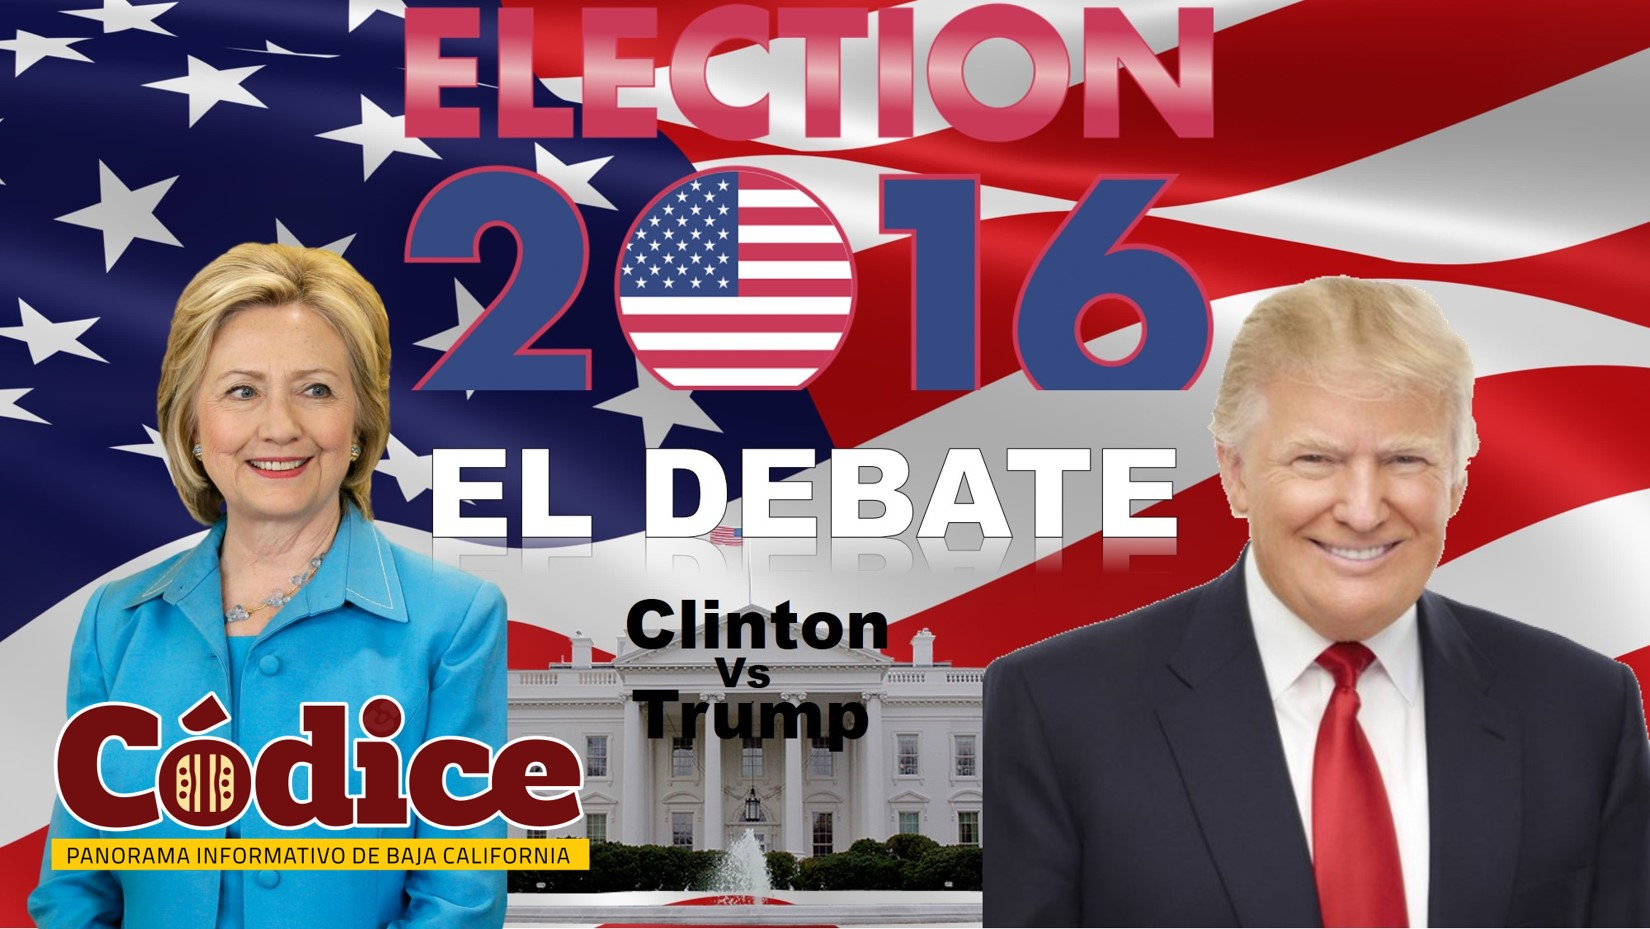 Clinton vs Trump el debate